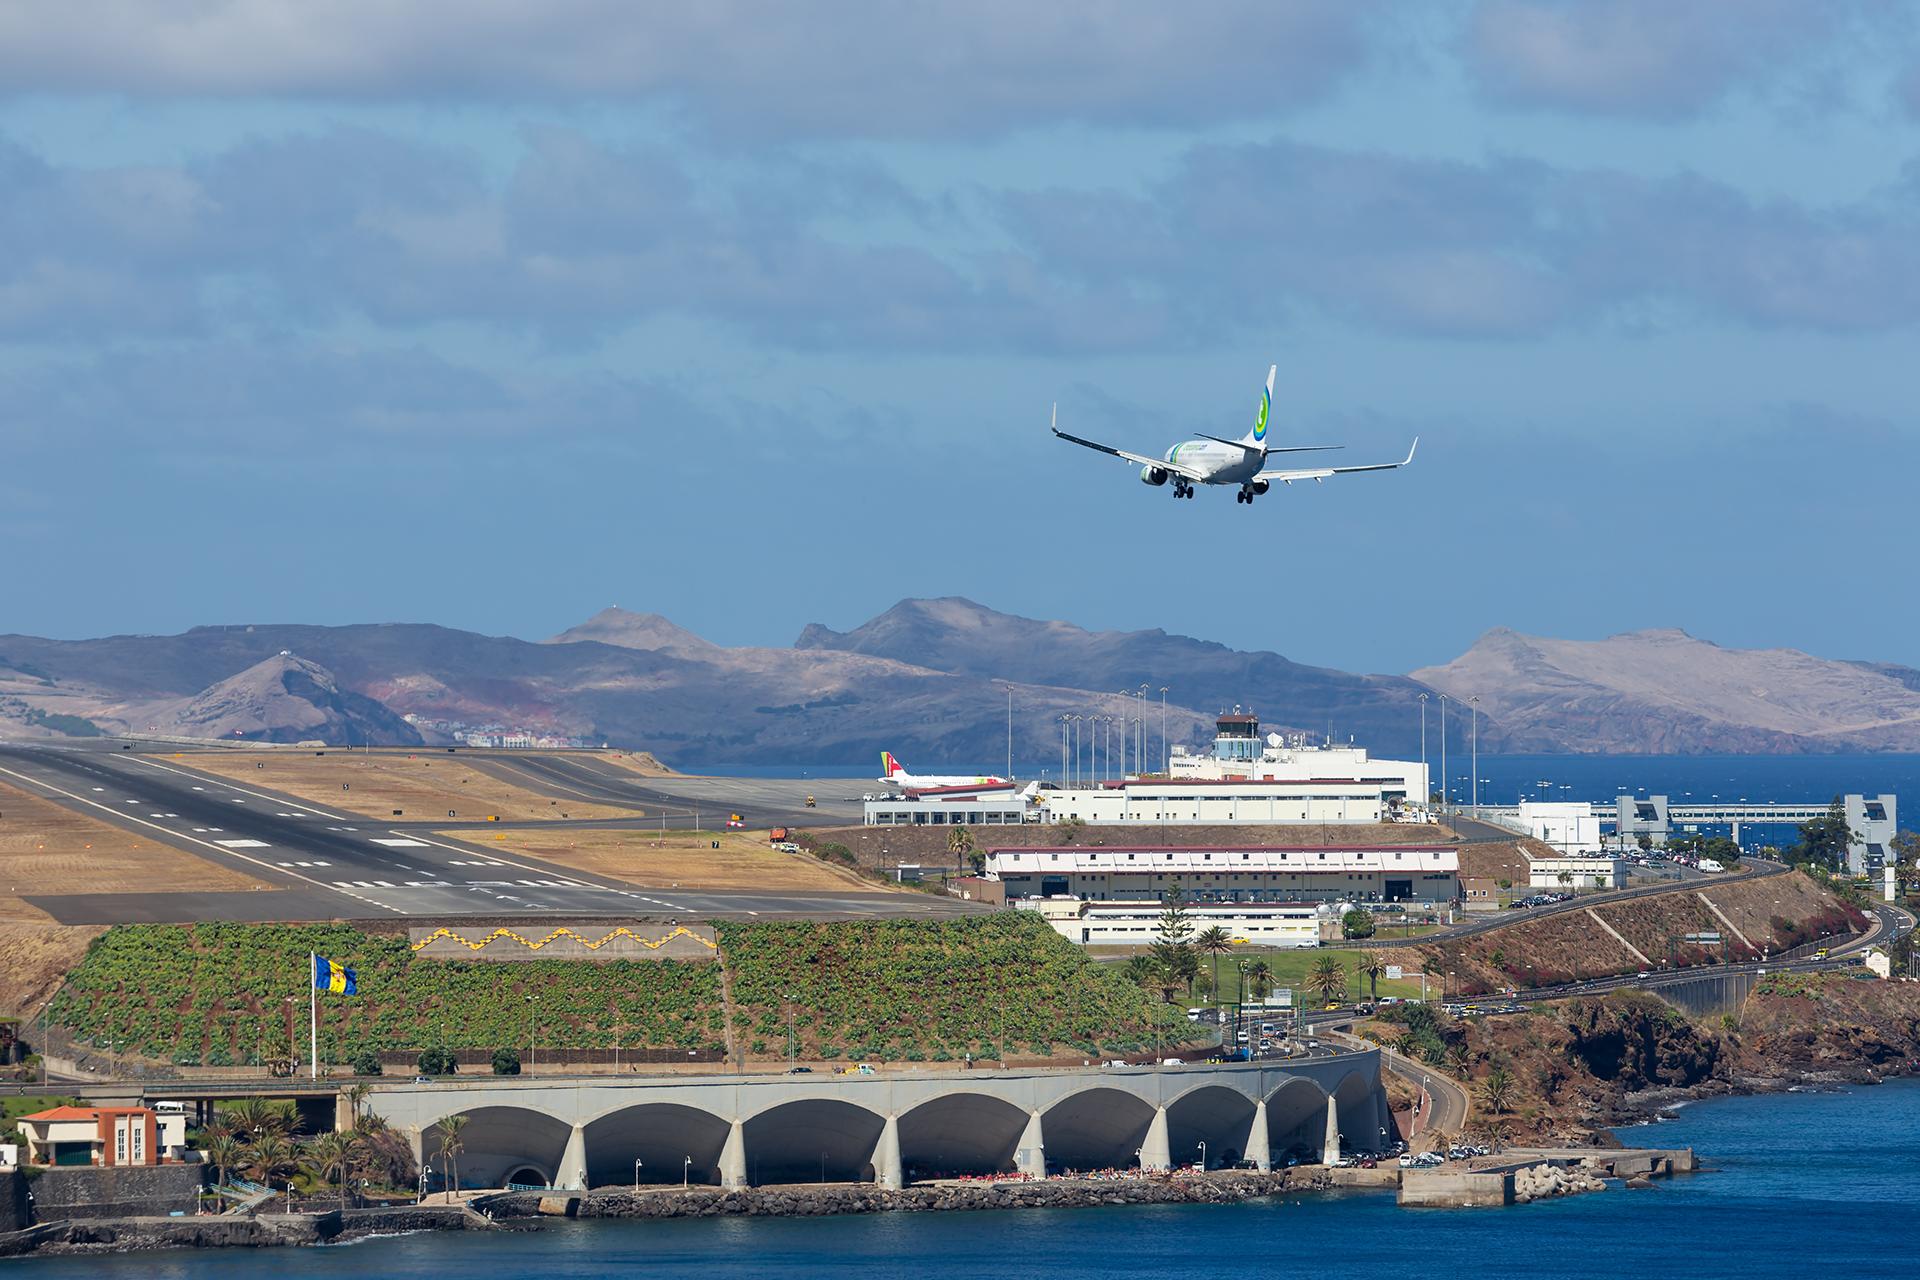 El Aeropuerto Internacional de Madeira, Cristiano Ronaldo, más conocido como el Aeropuerto de Madeira, se encuentra en Santa Cruz, en la región portuguesa de Madeira, y destaca por su pista inusual